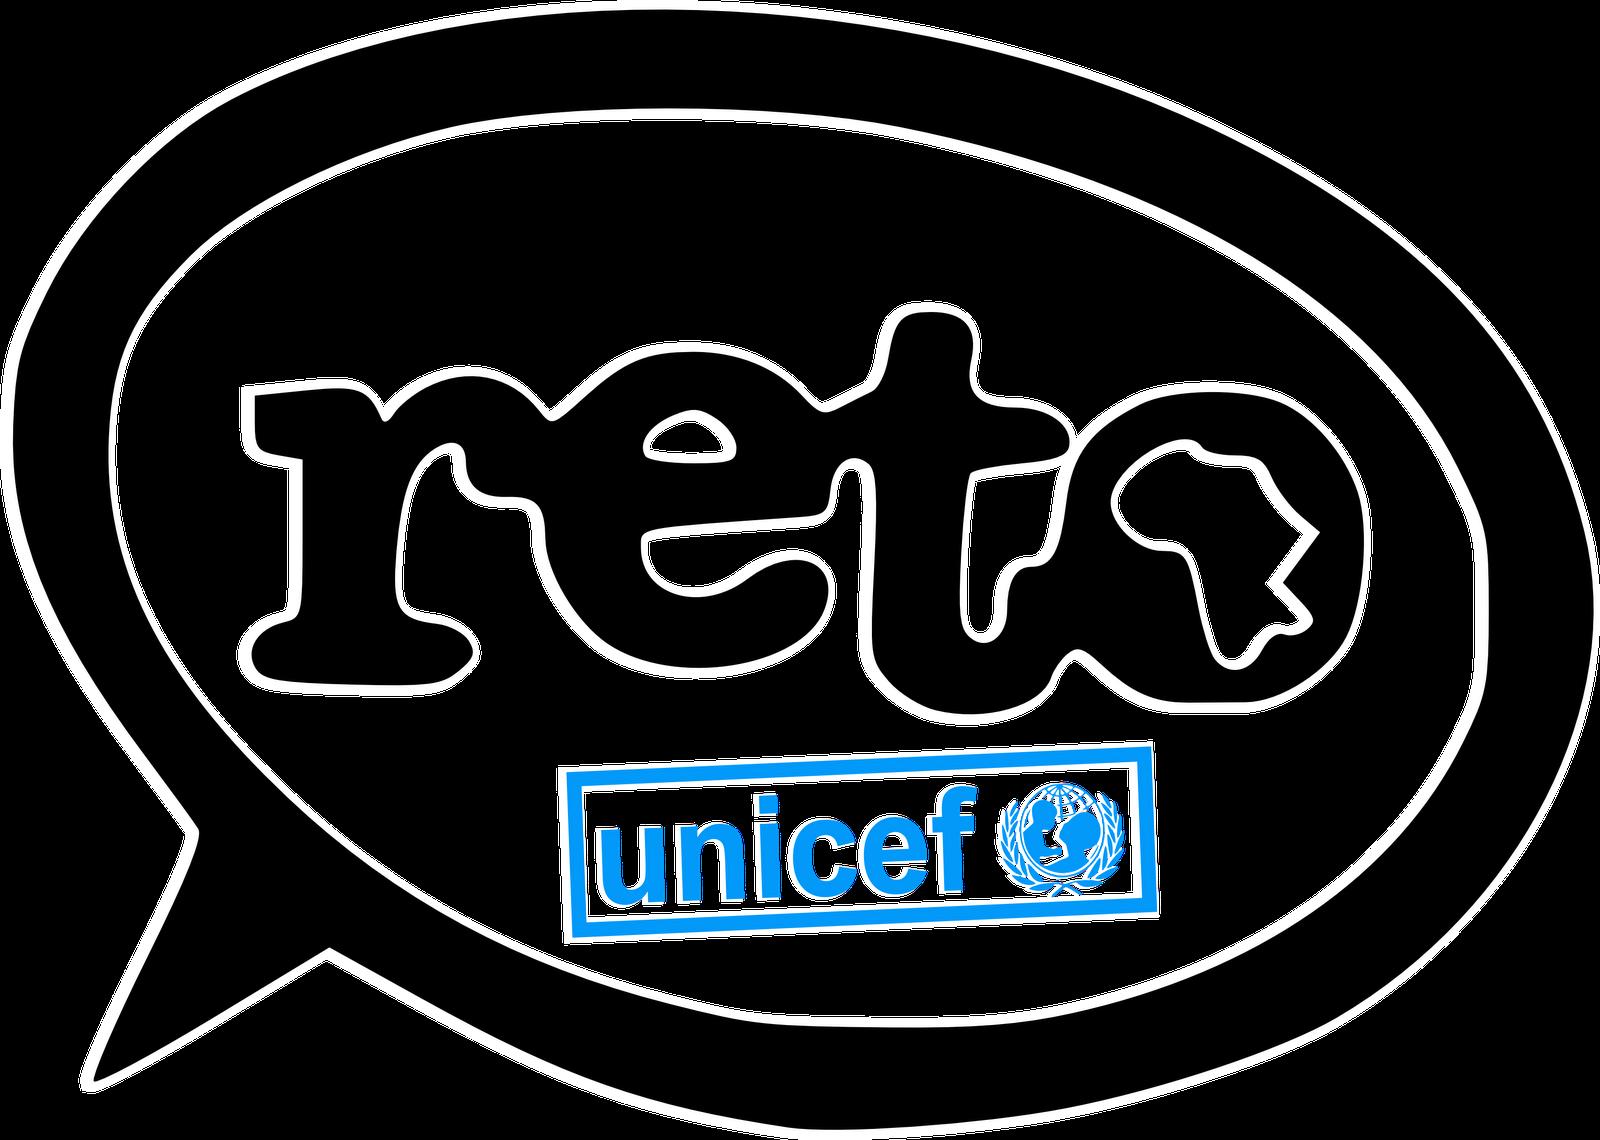 logo_reto_unicef_500